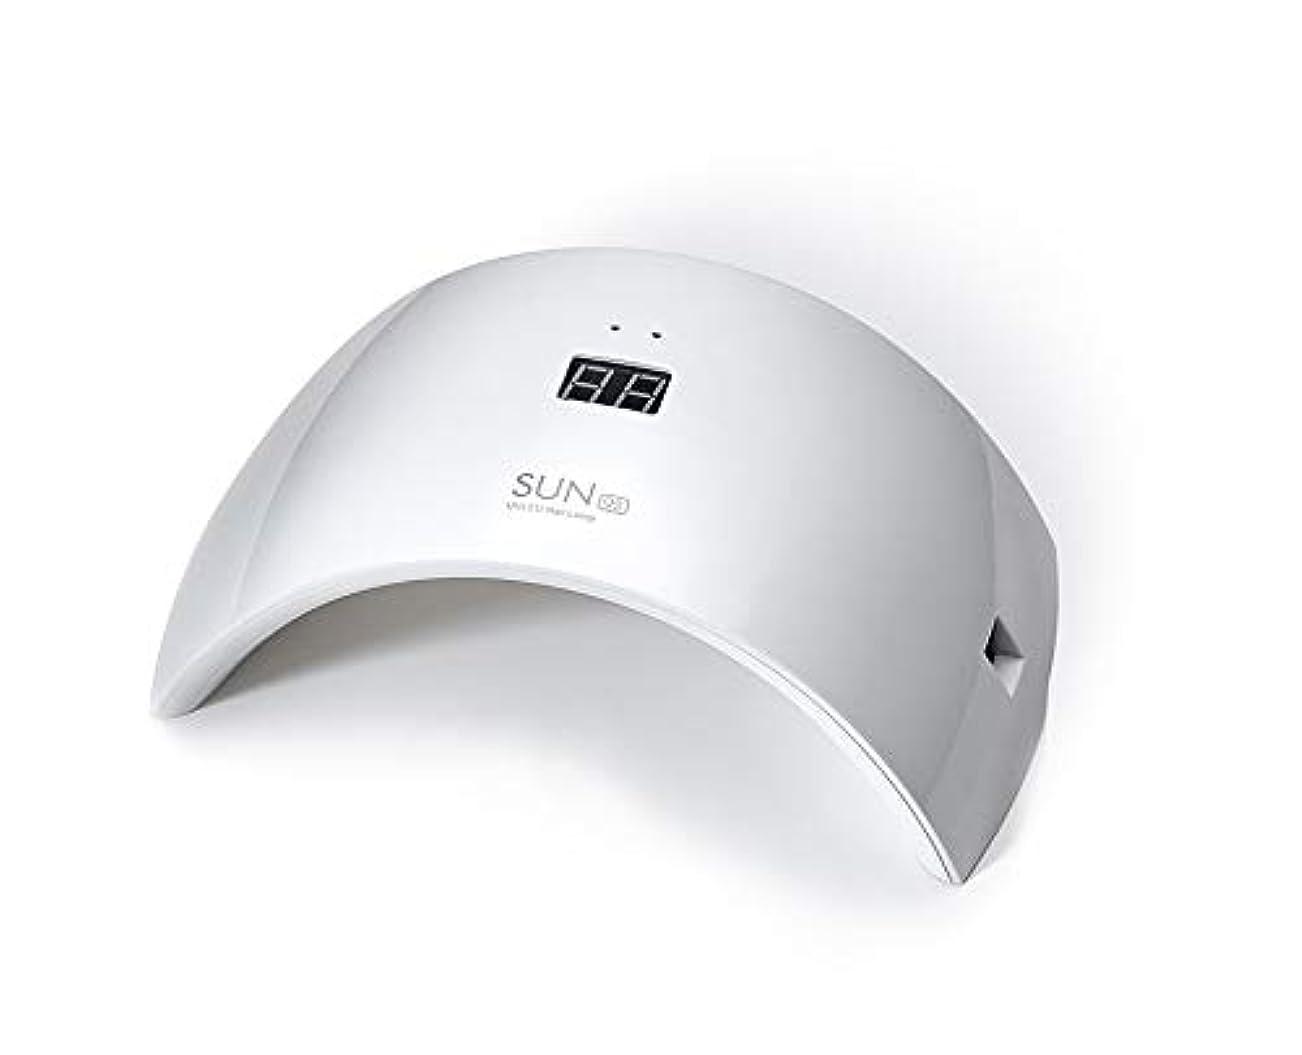 悪化するハンディキャップきしむネイルドライヤー UV LEDネイルライト 24W ハイパワー 硬化用UVライト 赤外線検知 ジェルネイルライト 人感センサー タイマー付き ネイルランプ 速乾LEDダブルライト 母の日ギフト